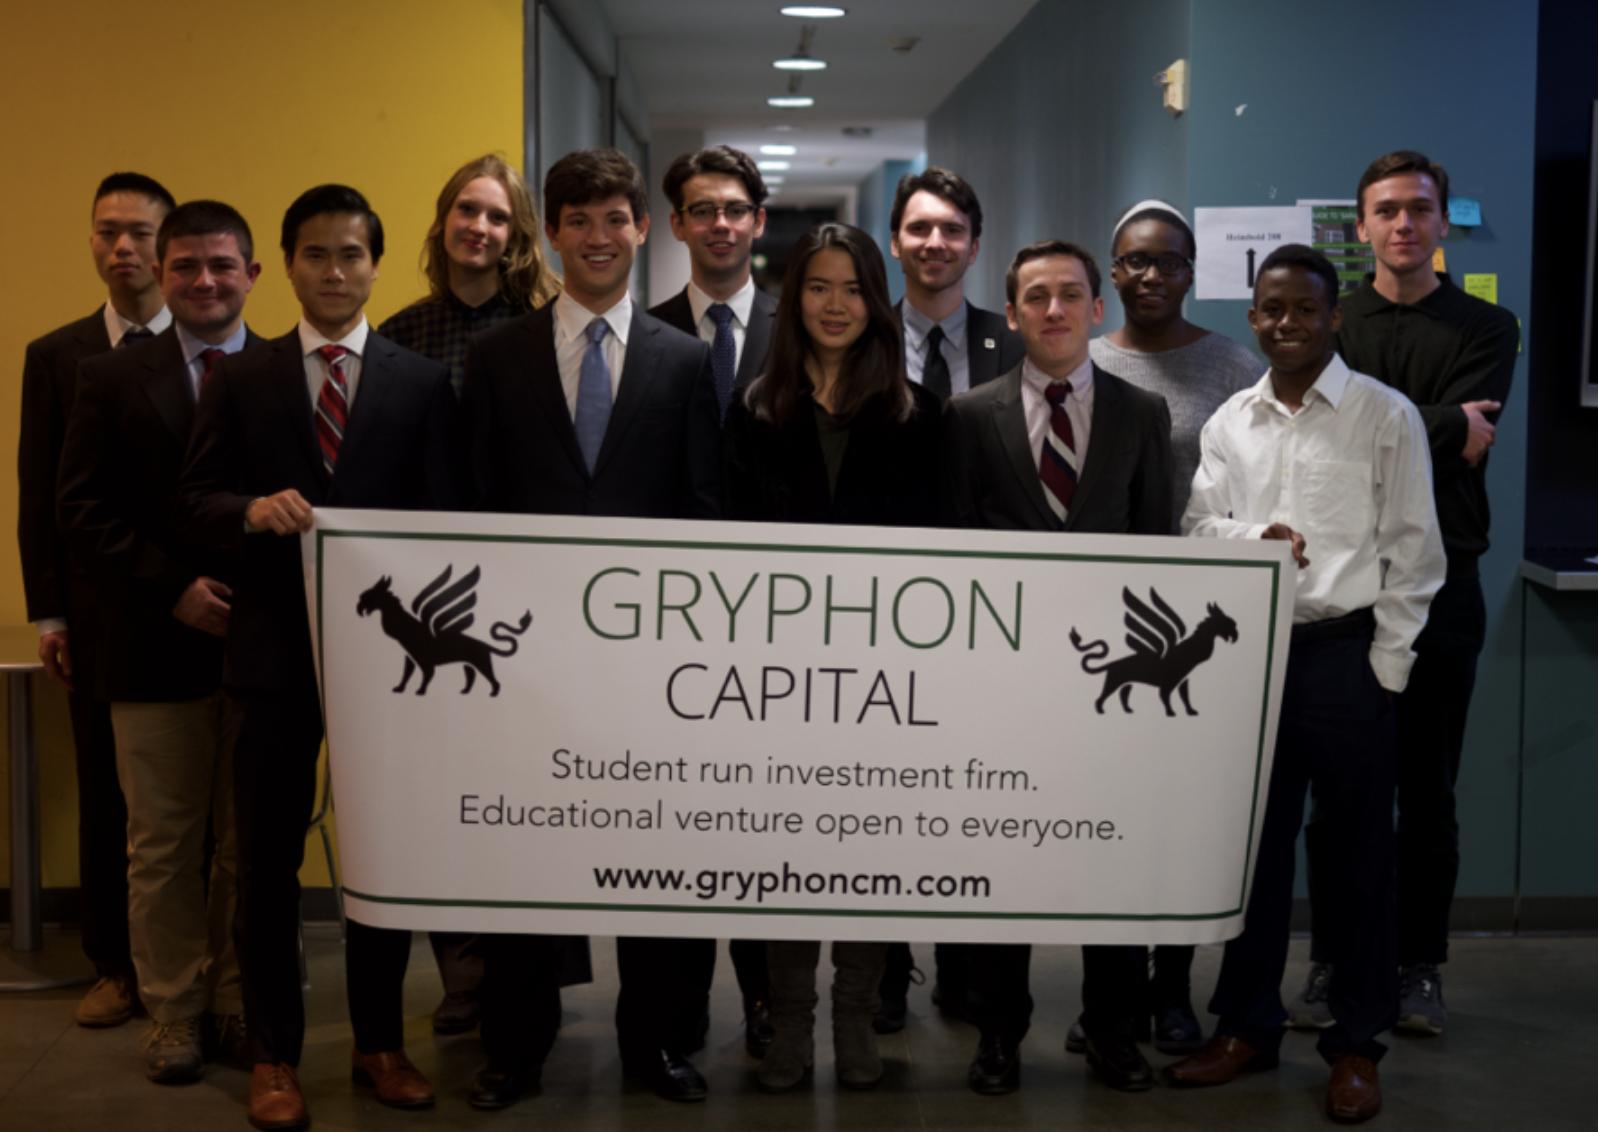 Gryphon Capital.